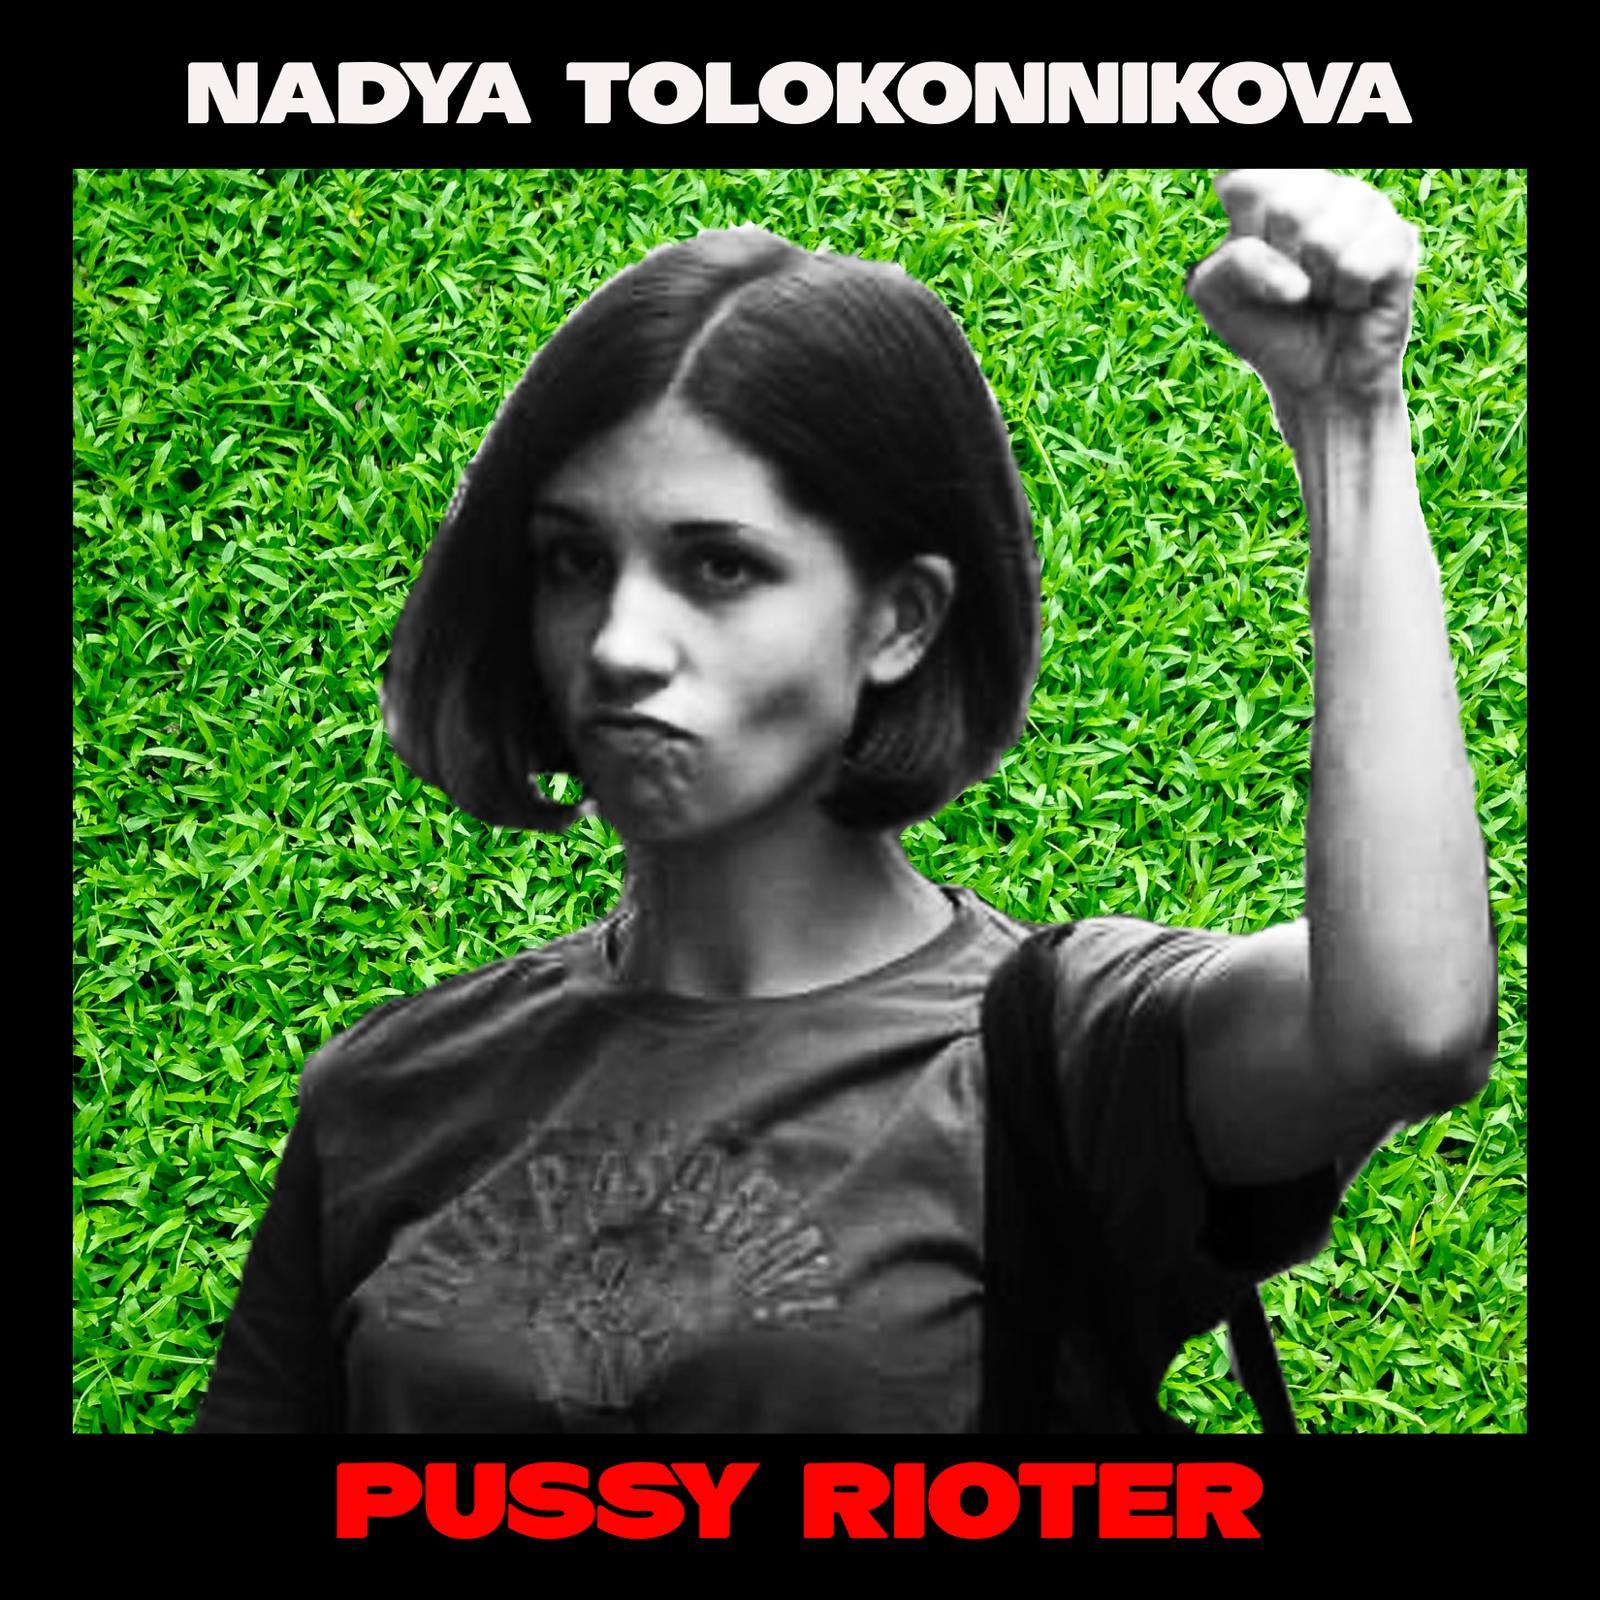 Nadya Tolokonnikova, Pussy Rioter